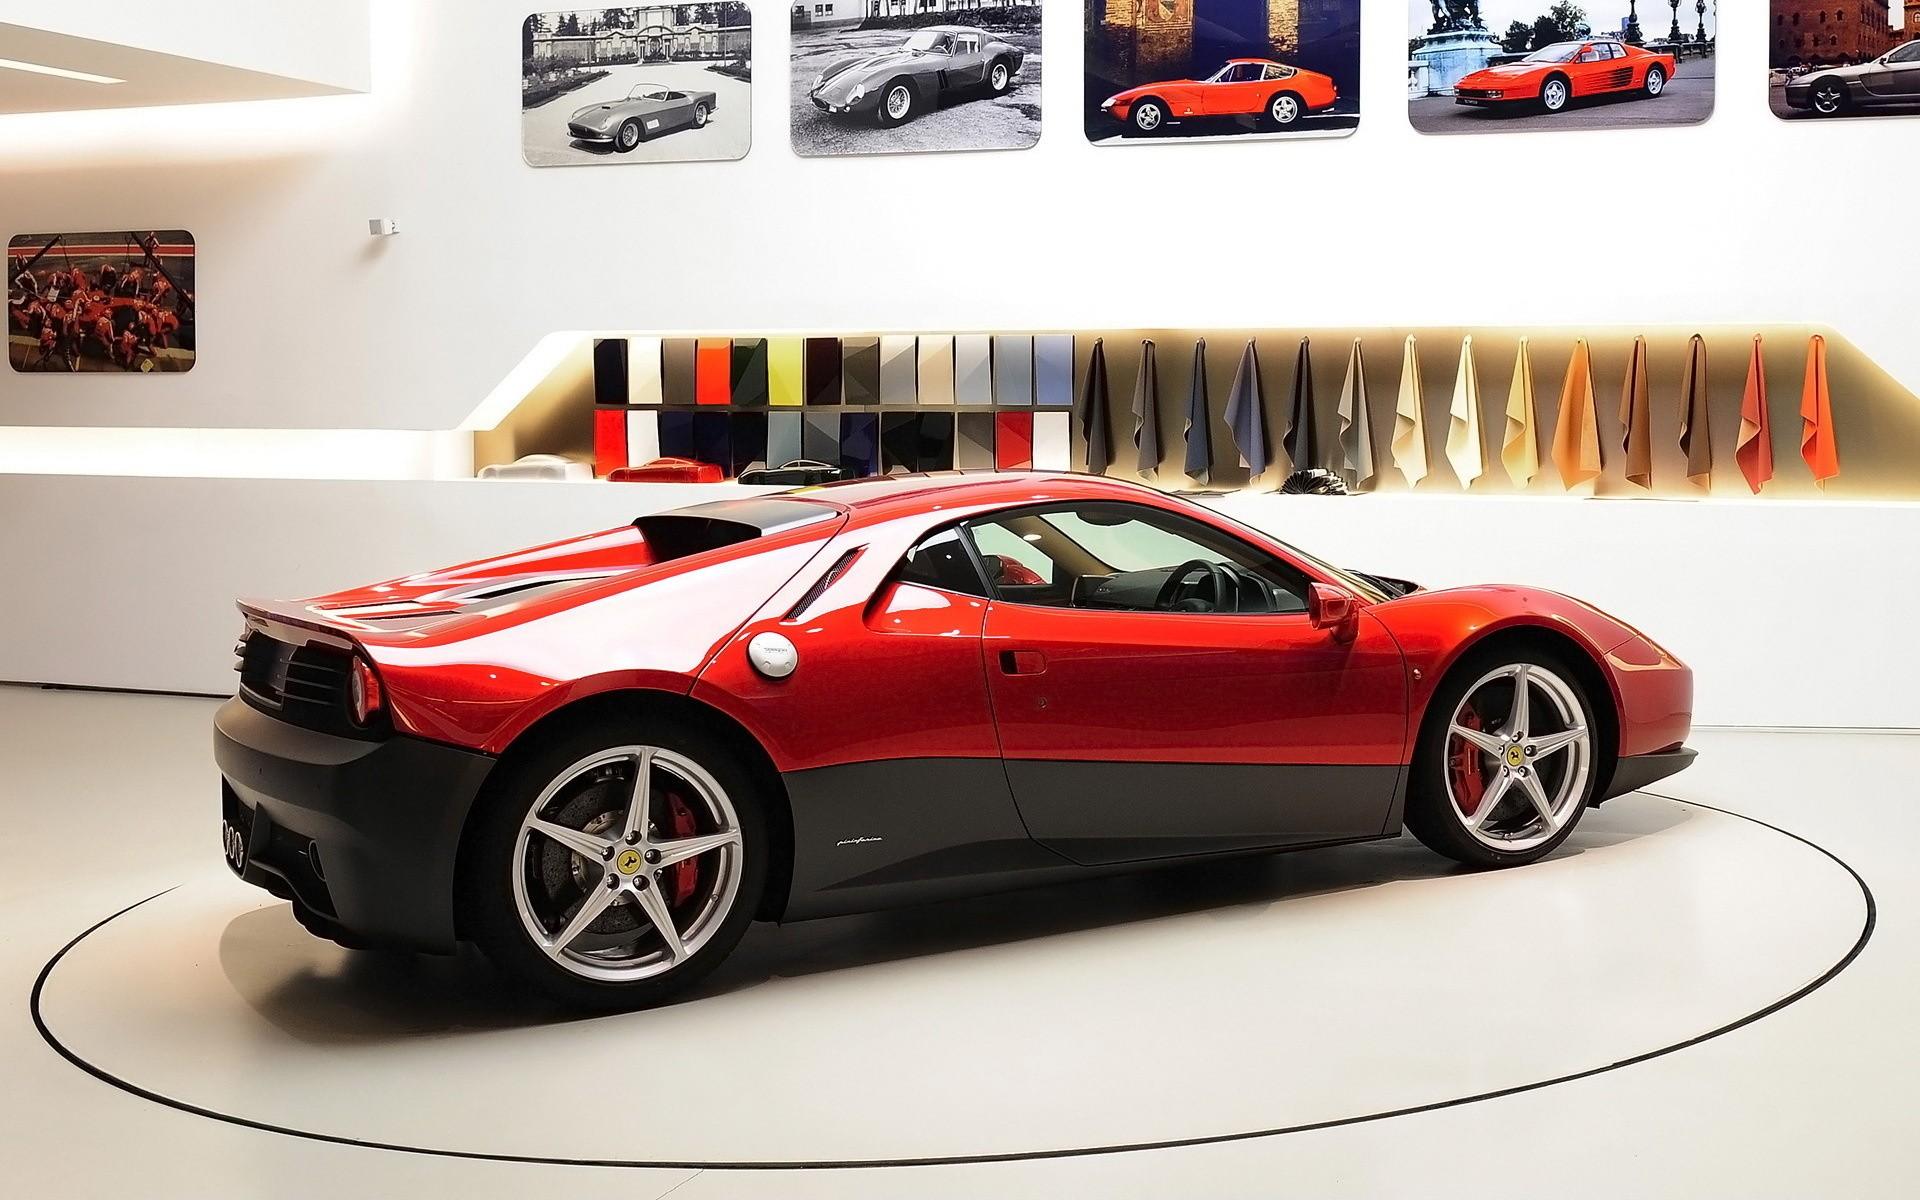 Ferrari de lujo - 1920x1200